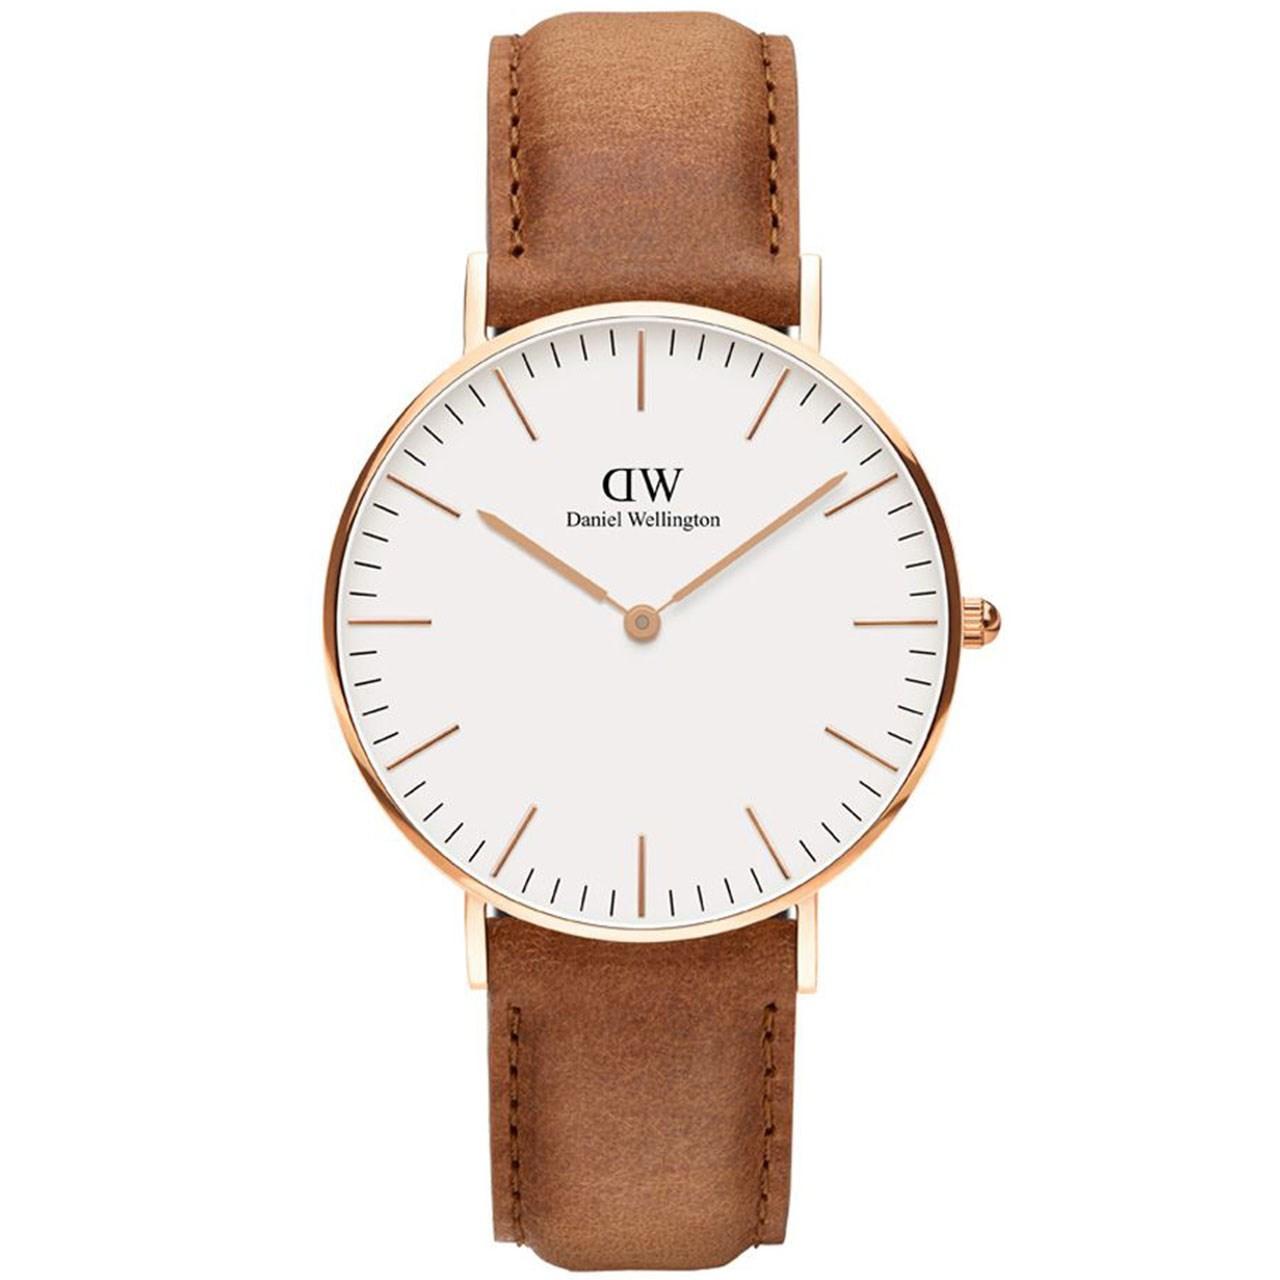 ساعت مچی عقربه ای زنانه دنیل ولینگتون مدل DW00100111              خرید (⭐️⭐️⭐️)